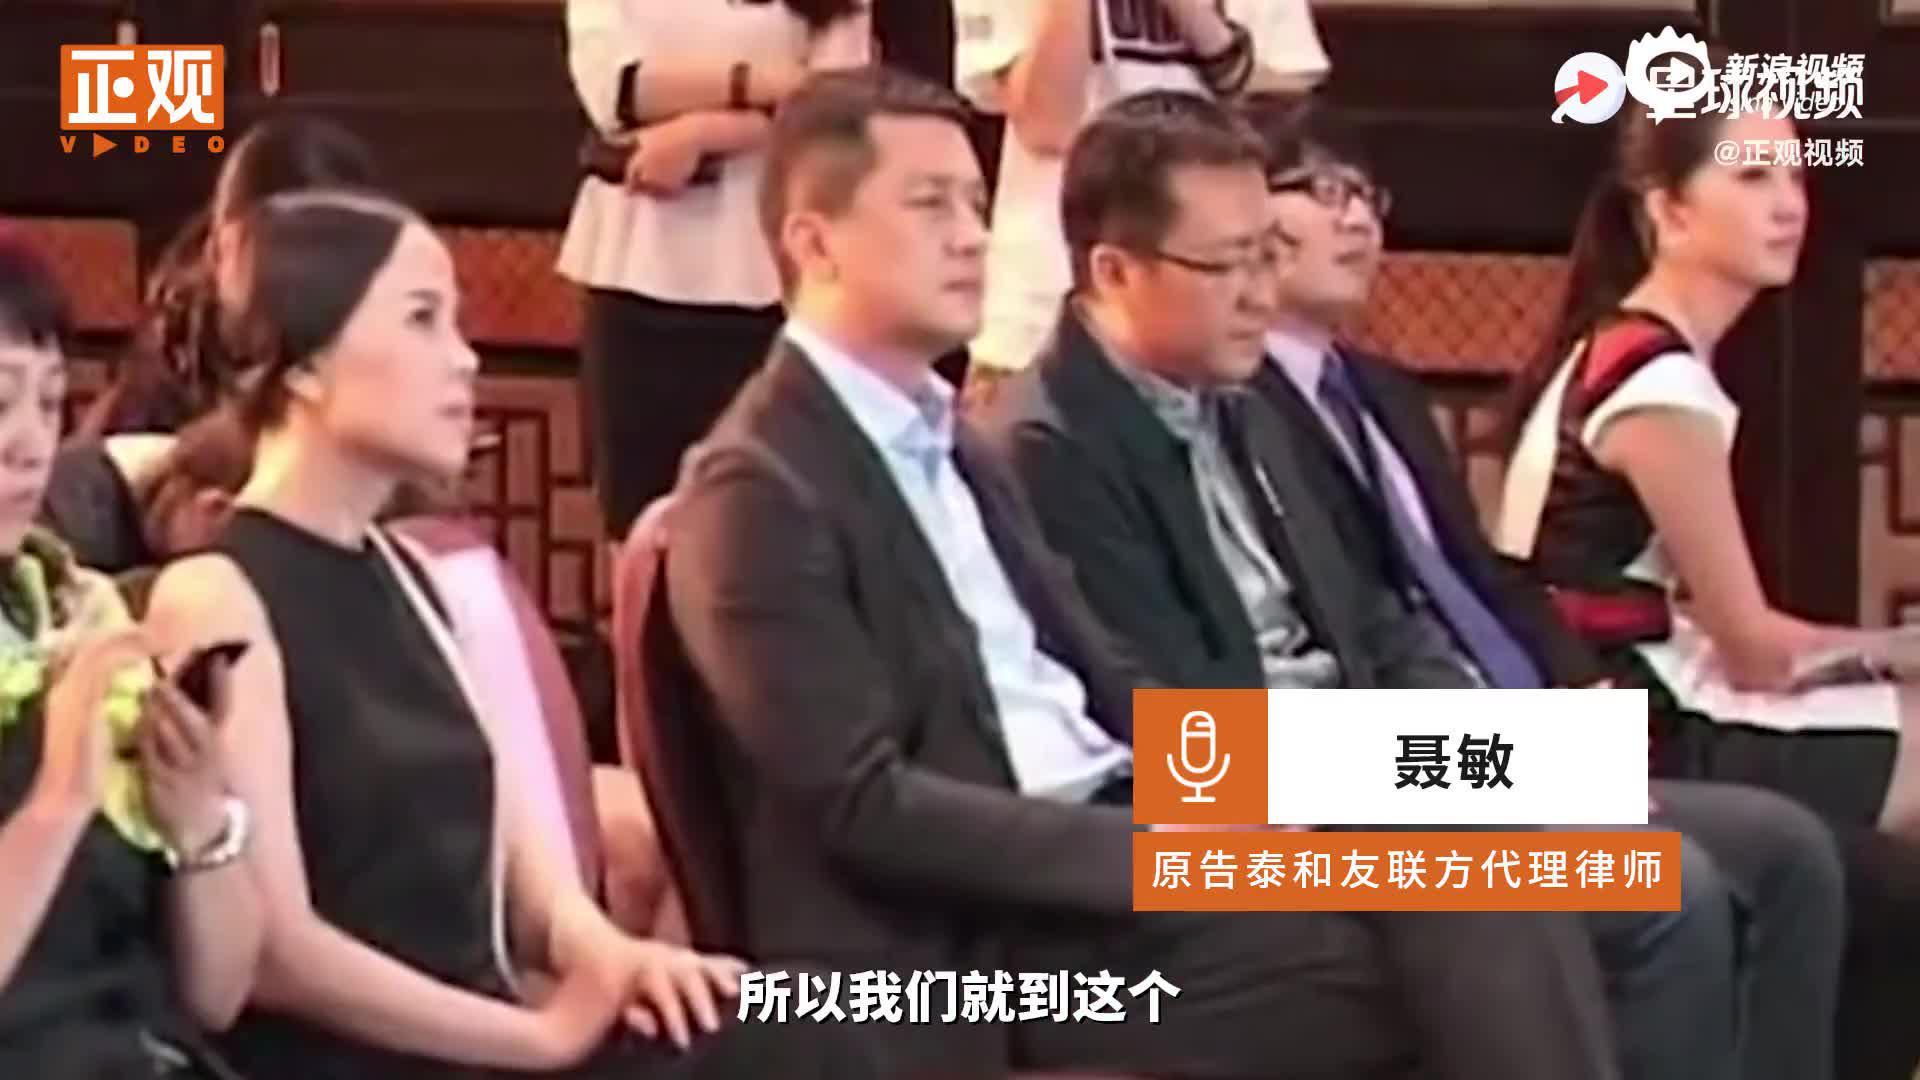 李亚鹏4000万债务案开庭 法院限制其高消费发现户籍已注销